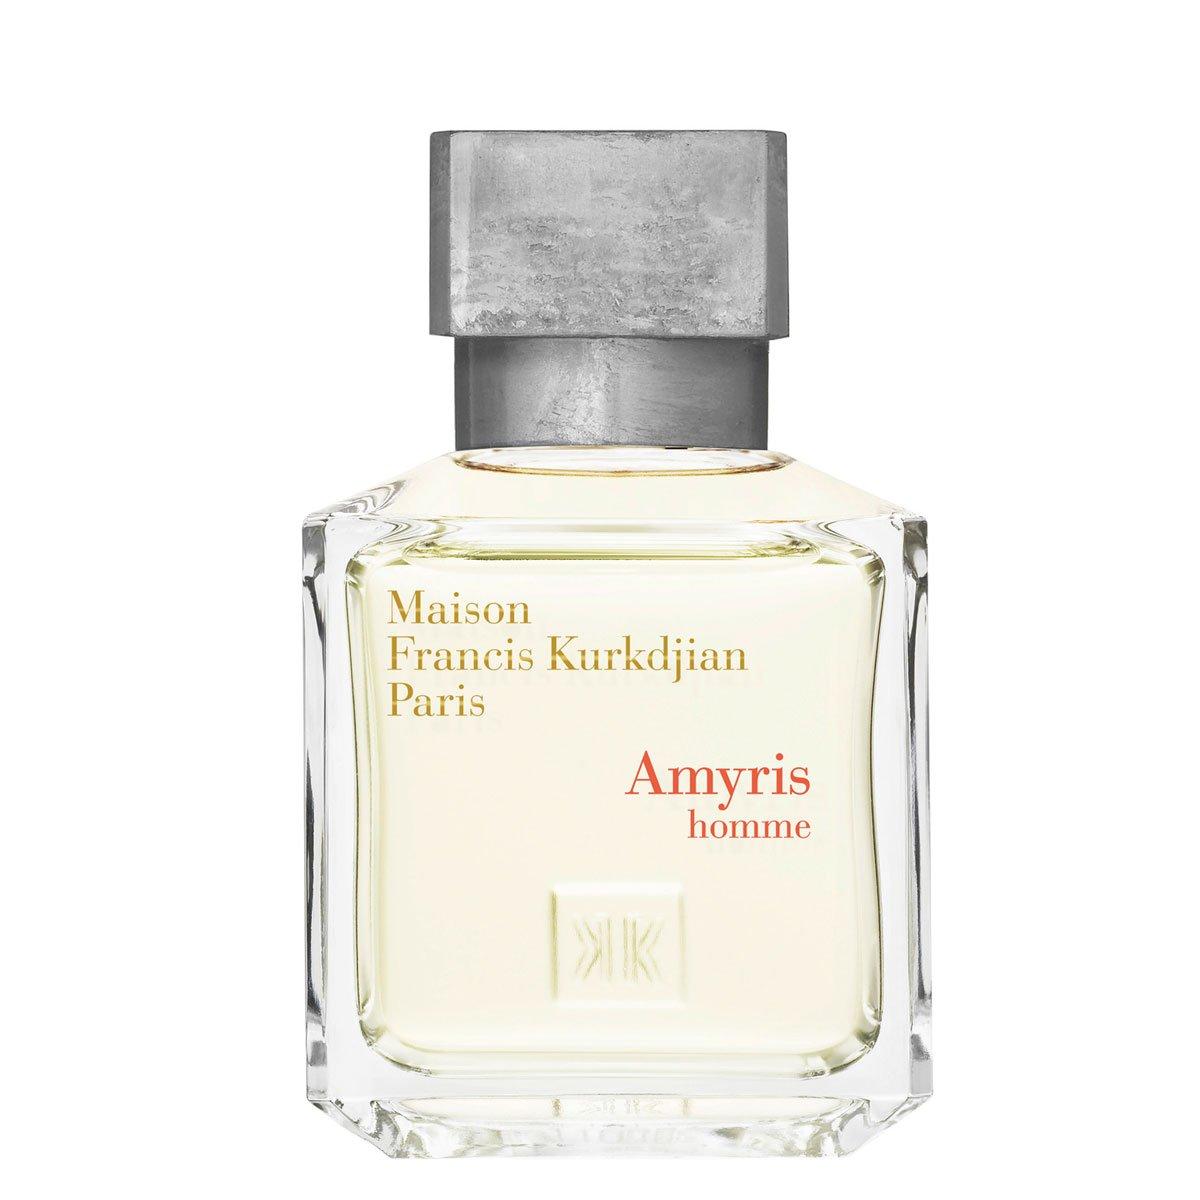 Maison Francis Kurkdjian Amyris Pour Homme Eau de Toilette-2.4 oz.